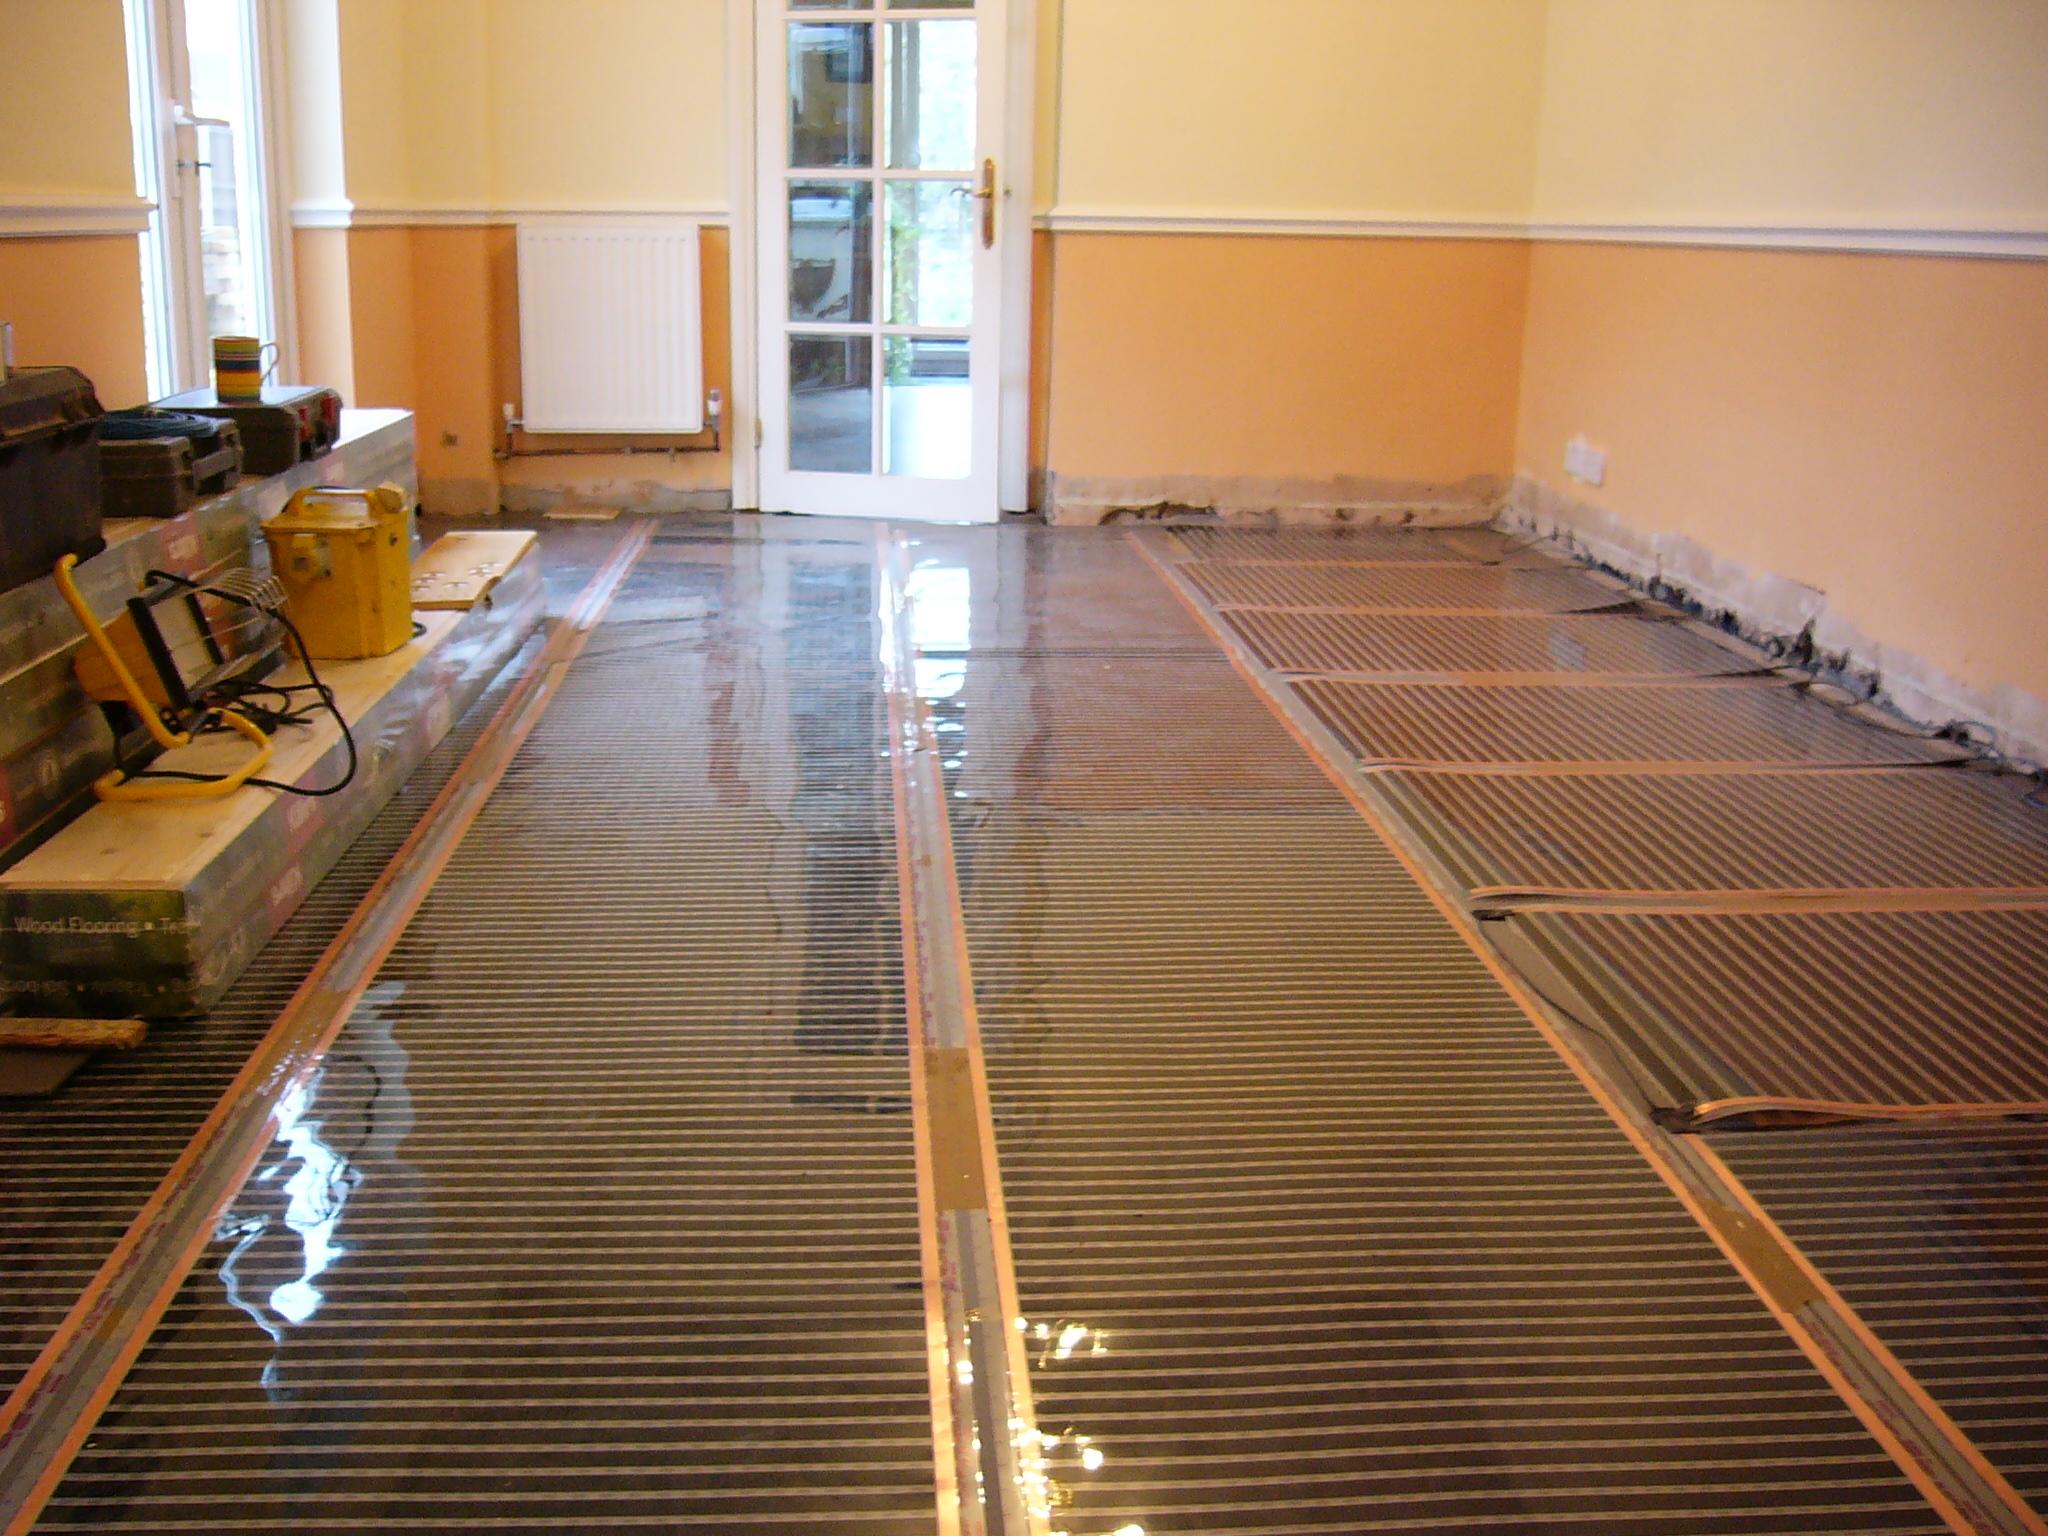 Underfloor Heating Wooden Floor Photos